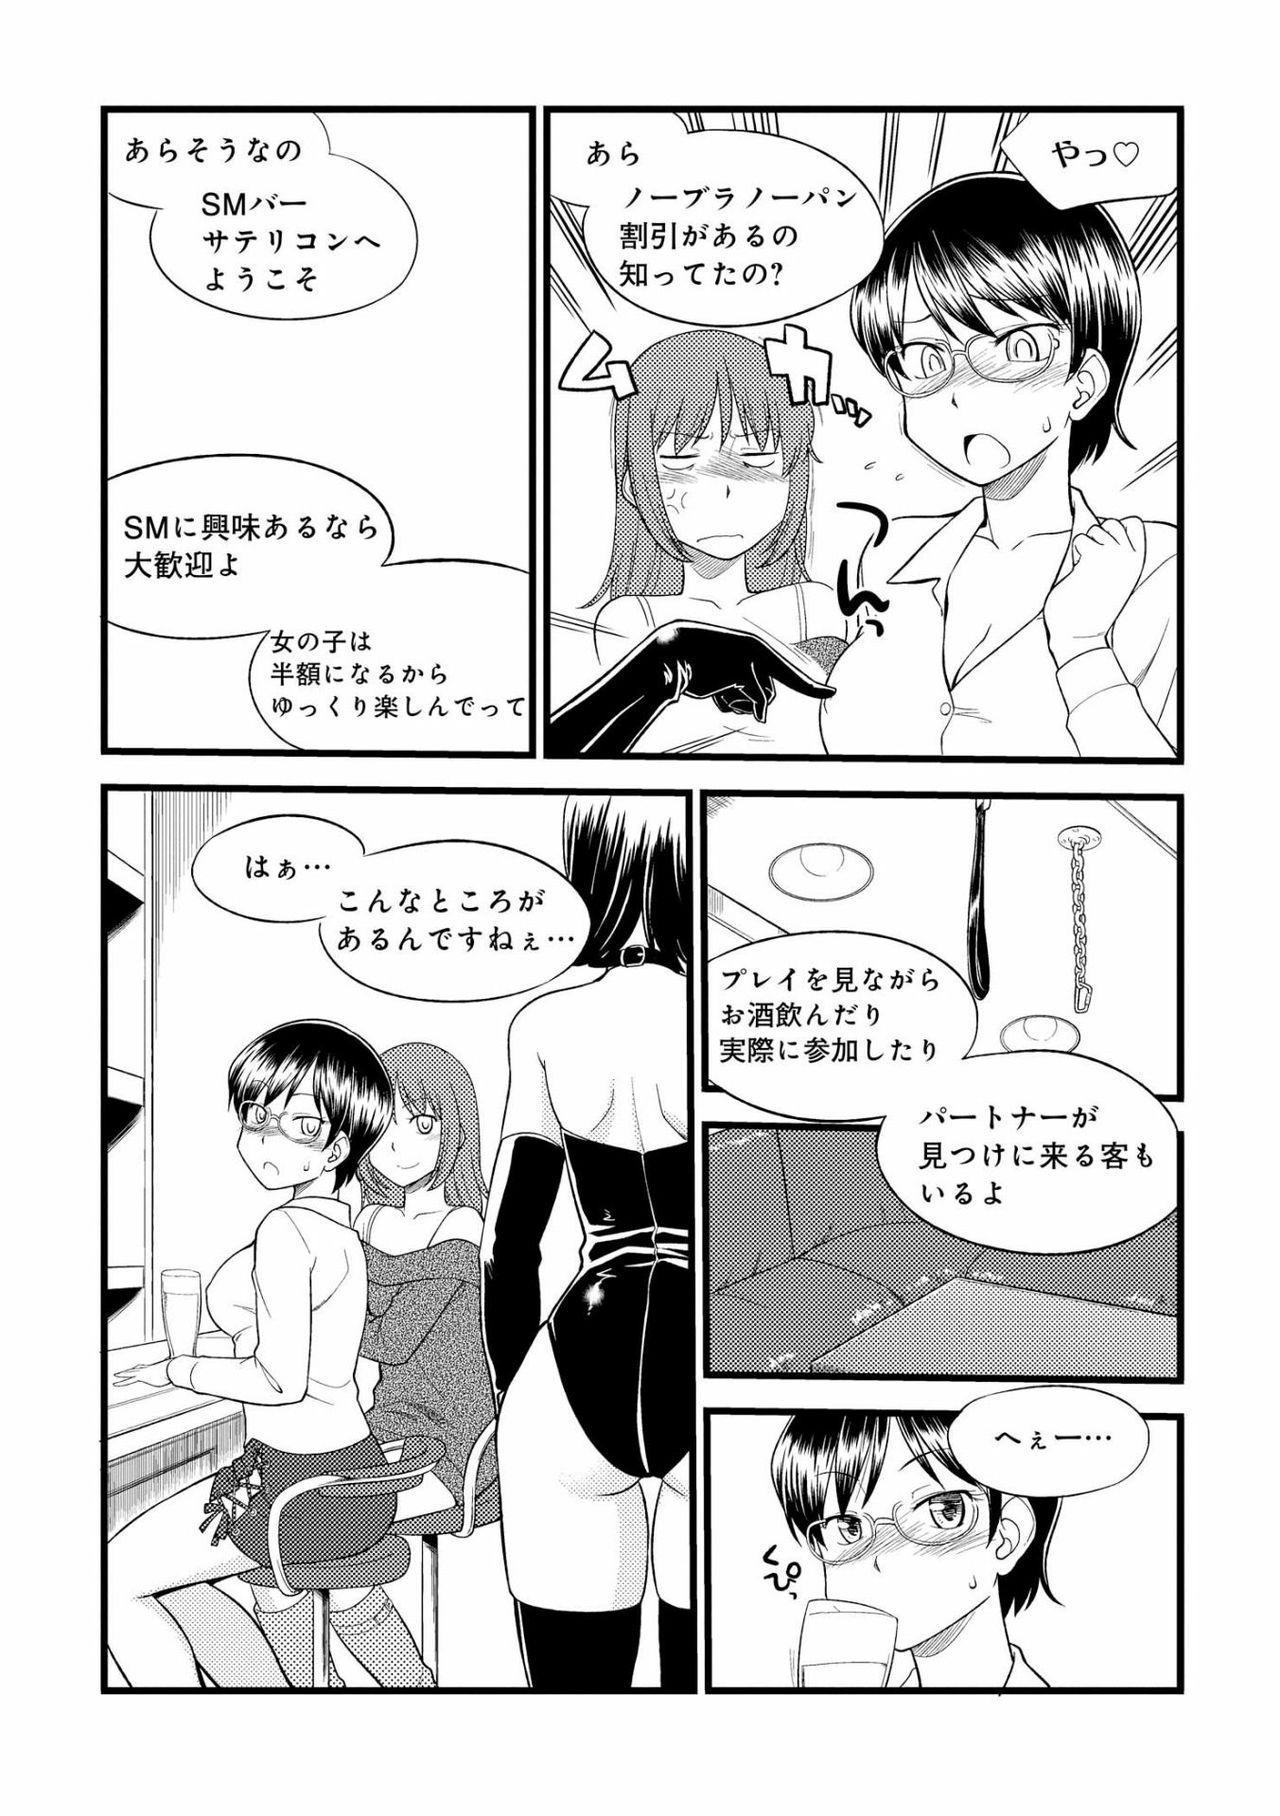 [Mitsuba] Karada mo Kokoro mo Boku no Mono ~Hajimete no SM Guide~ 2 [Digital] 99